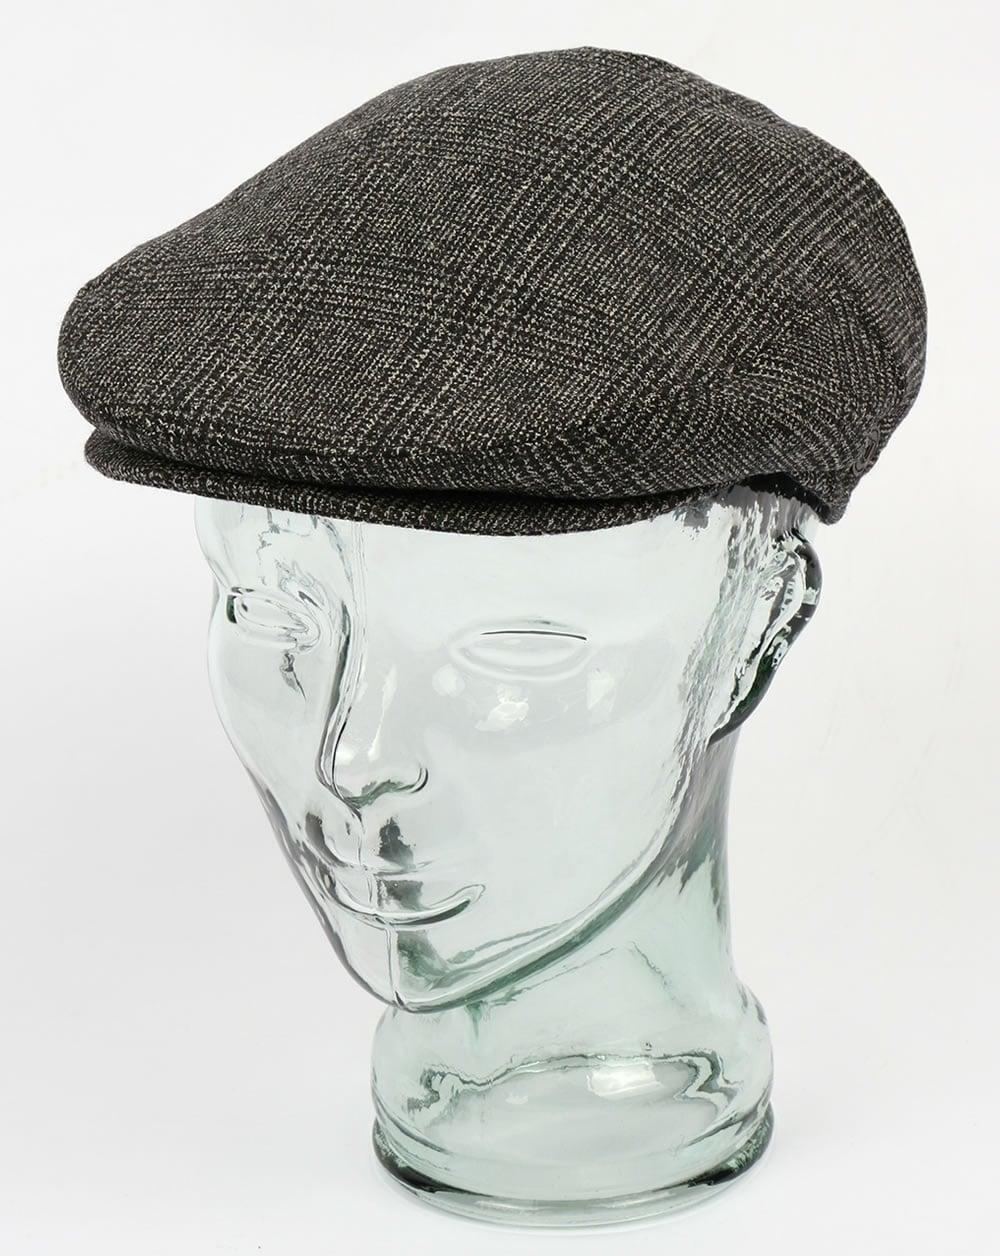 9a7d97104c9 80s Casual Classics 80s Casual Classics Naple Pure Wool Flat Cap Black